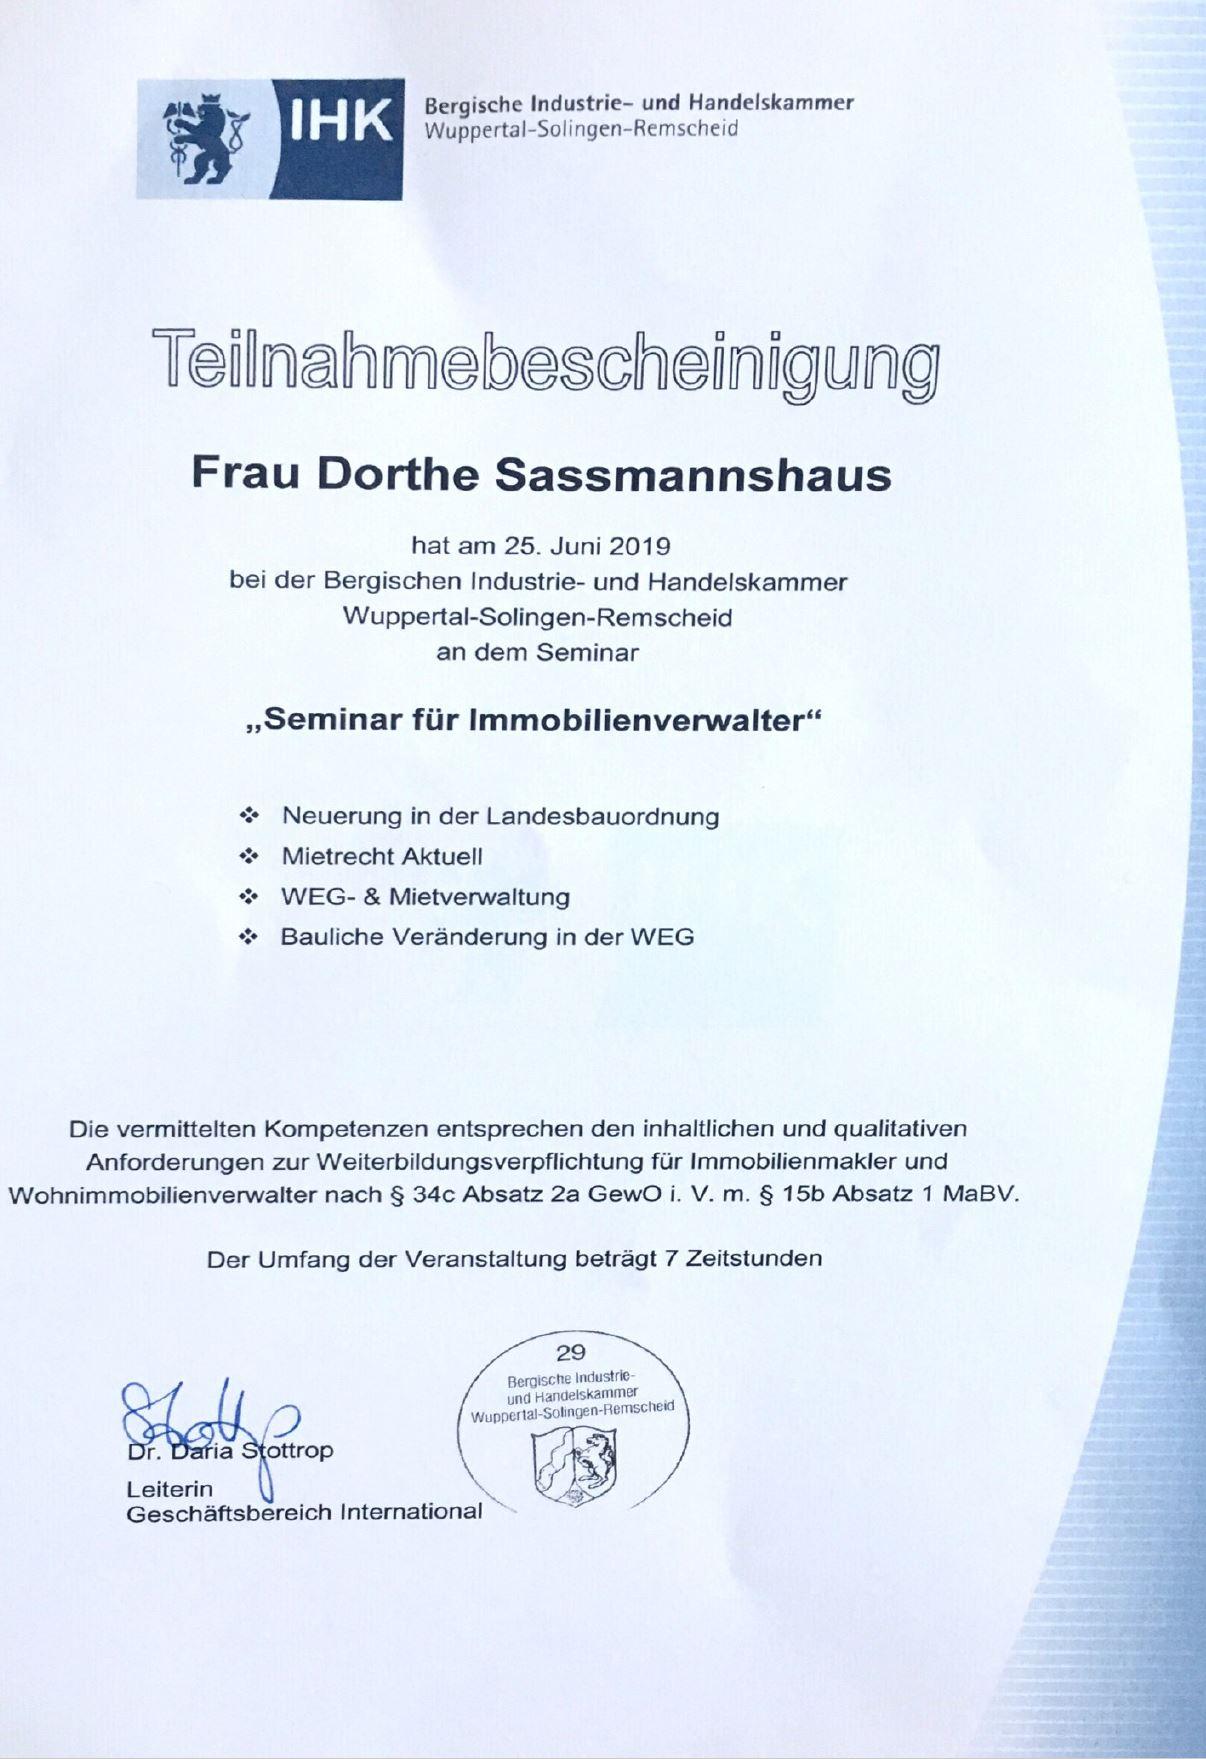 ihk_immobilienverwalter_urkunde_dorthe_sassmannshaus